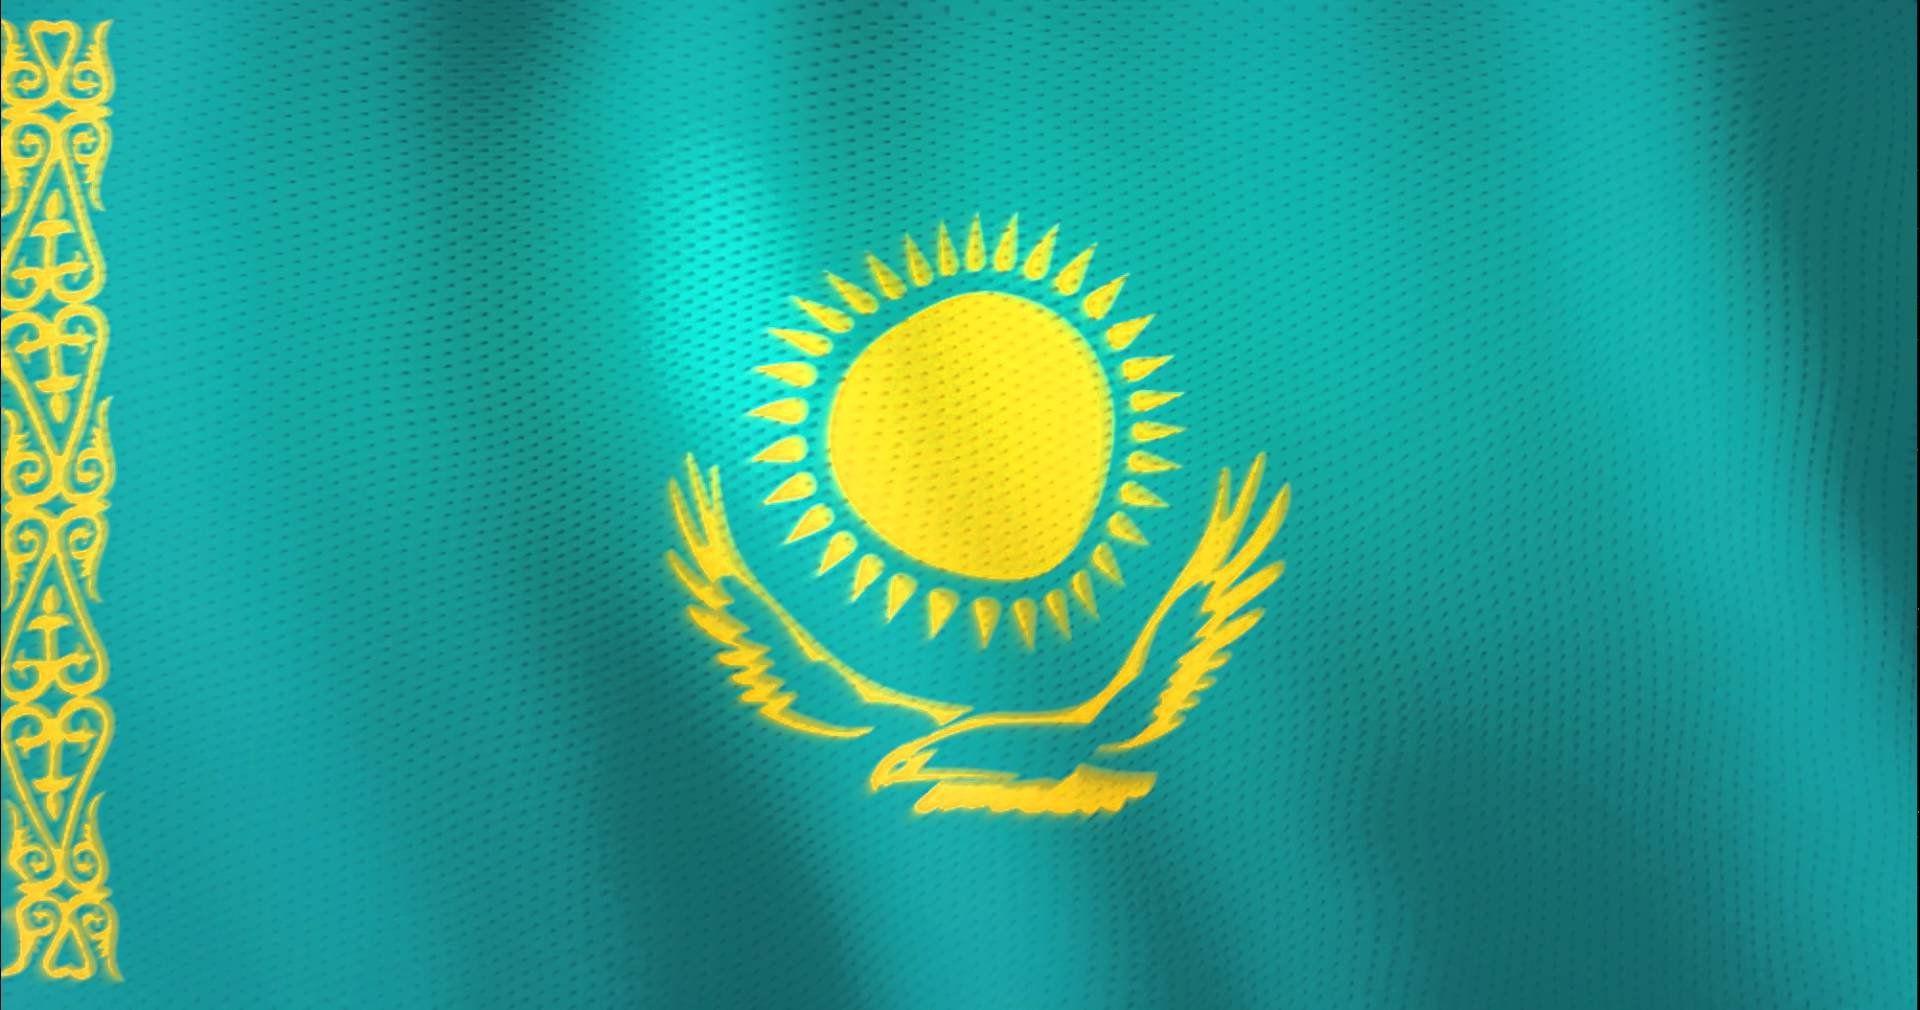 Фото легкой атлетики казахстана зондирование берут